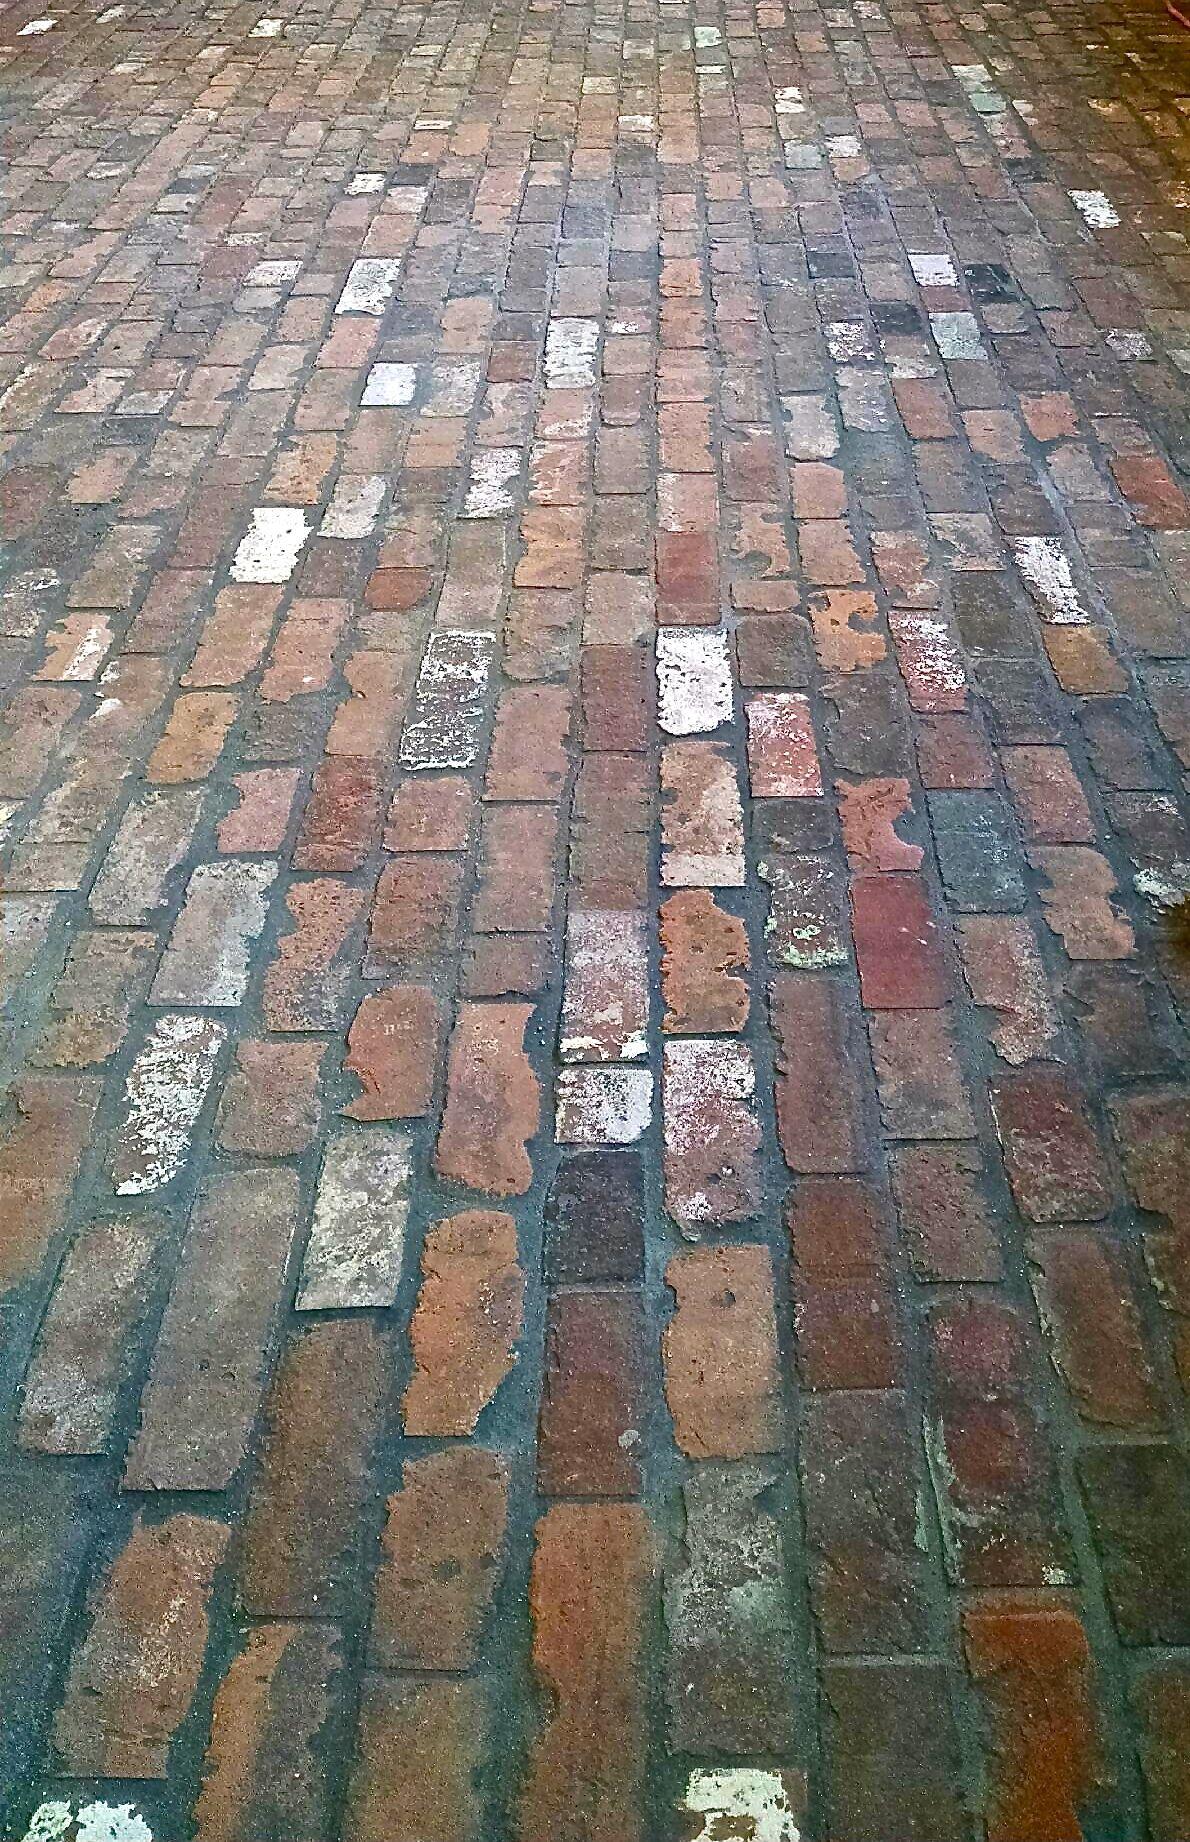 brick veneer flooring. Mill Blend Thin Brick Veneer Floor. Flooring